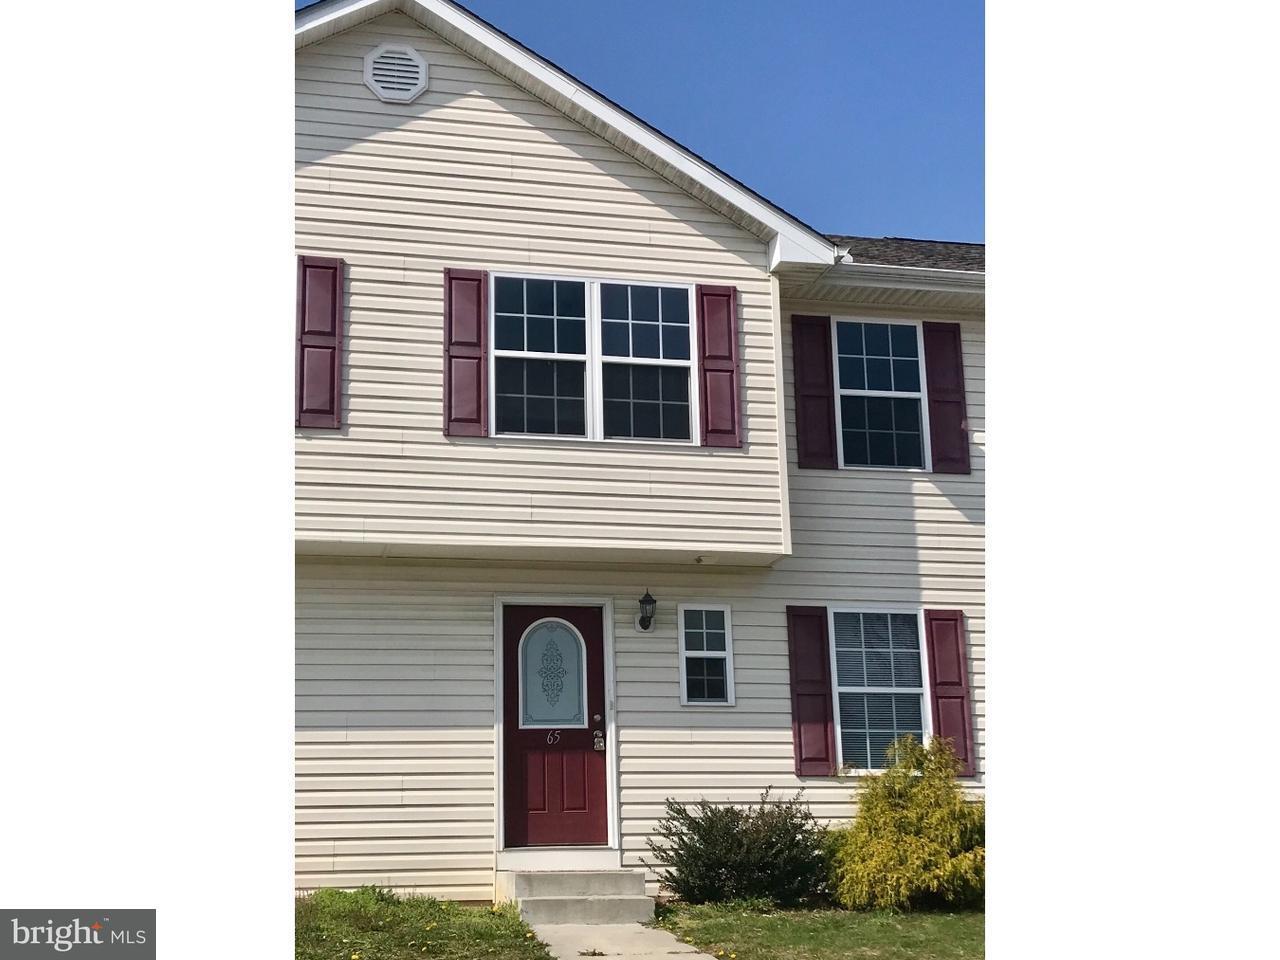 Частный односемейный дом для того Аренда на 65 MEDAL WAY Camden, Делавэр 19962 Соединенные Штаты